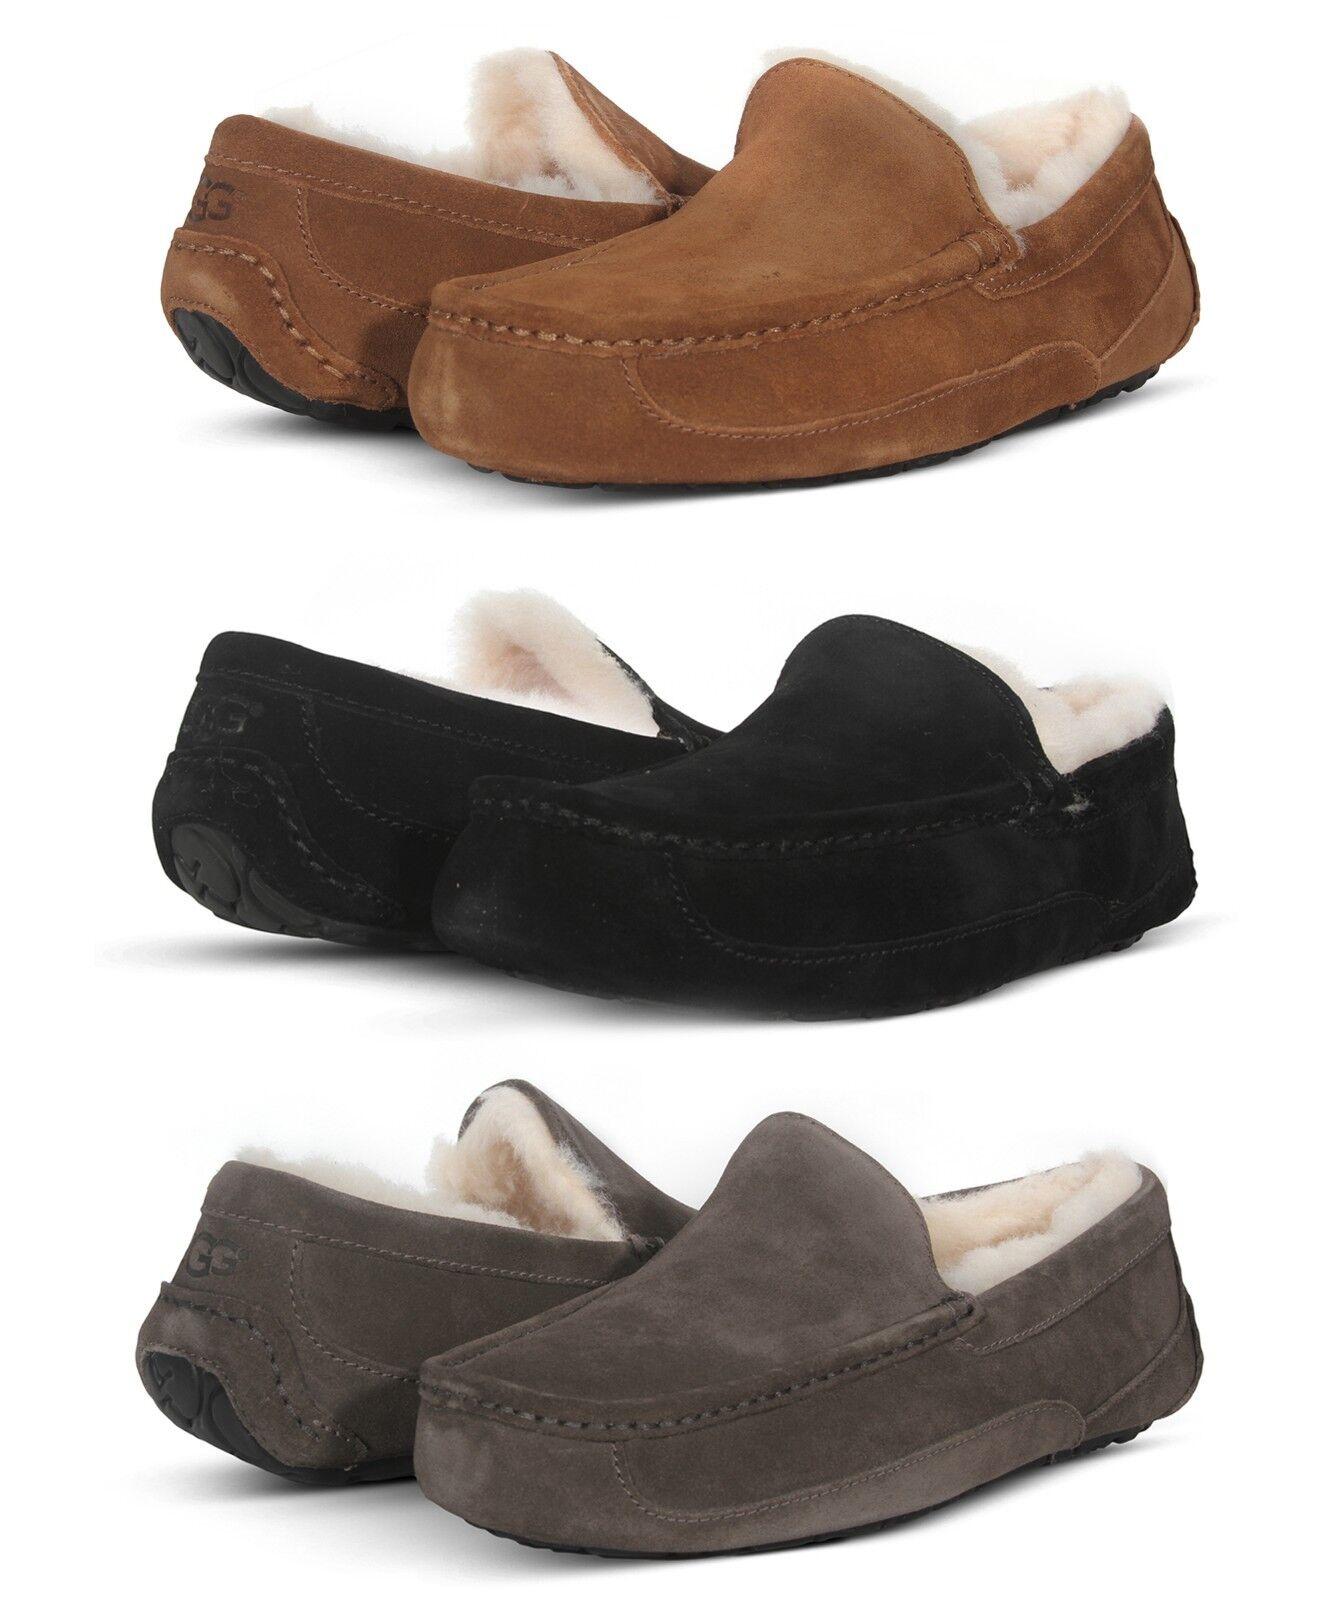 UGG Bottes Ascot, chaussons pour hommes, chaussures à enfiler en daim 1101110 noir châtaigne gris